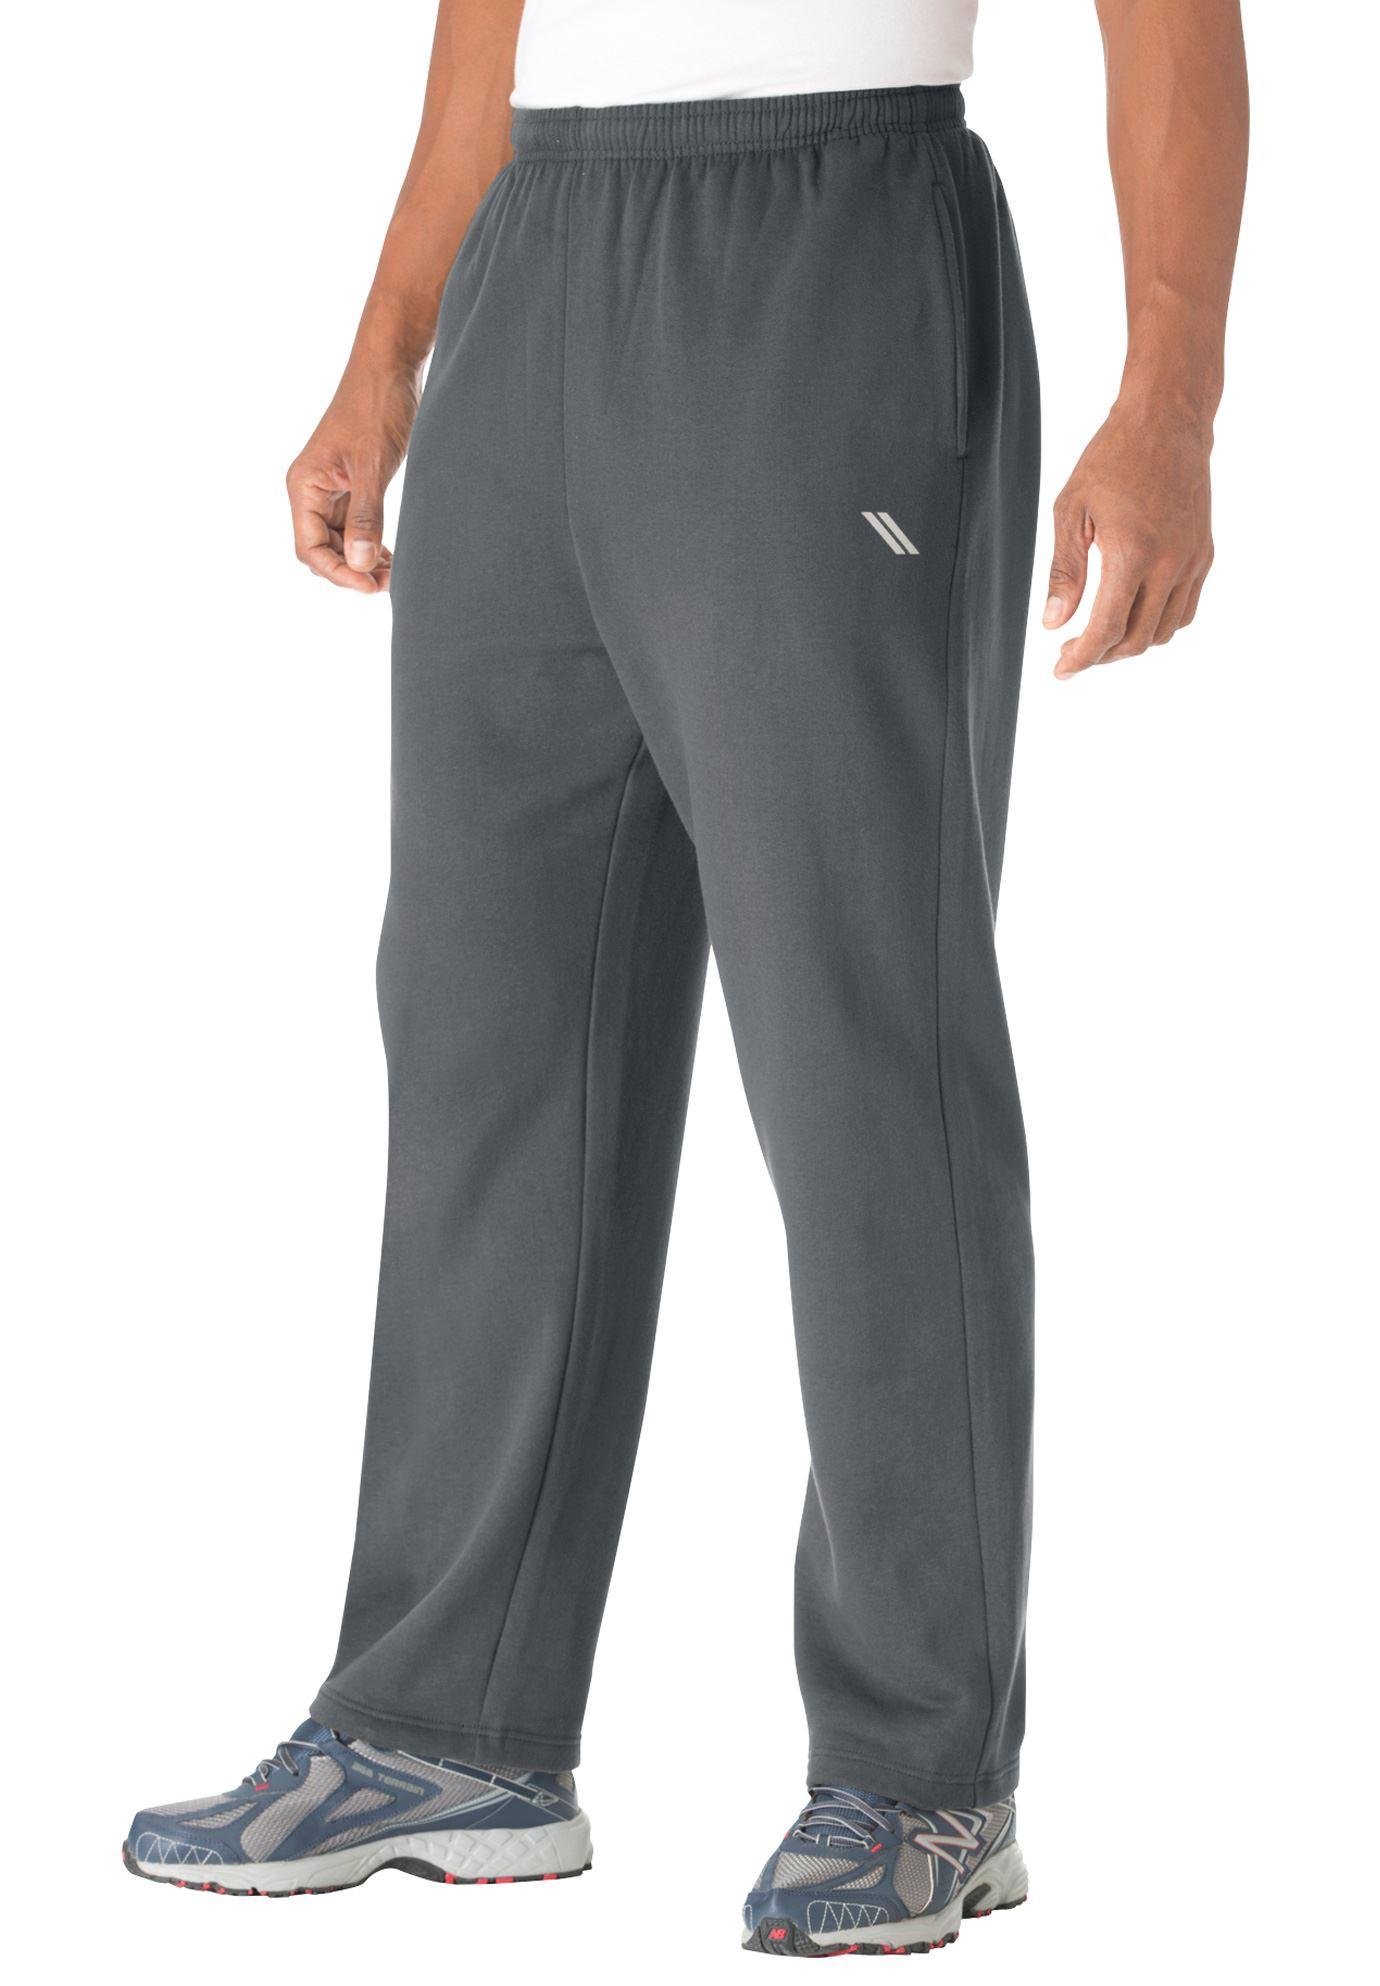 Men's Big & Tall Wicking Fleece Open Bottom Pants By Ks Sport